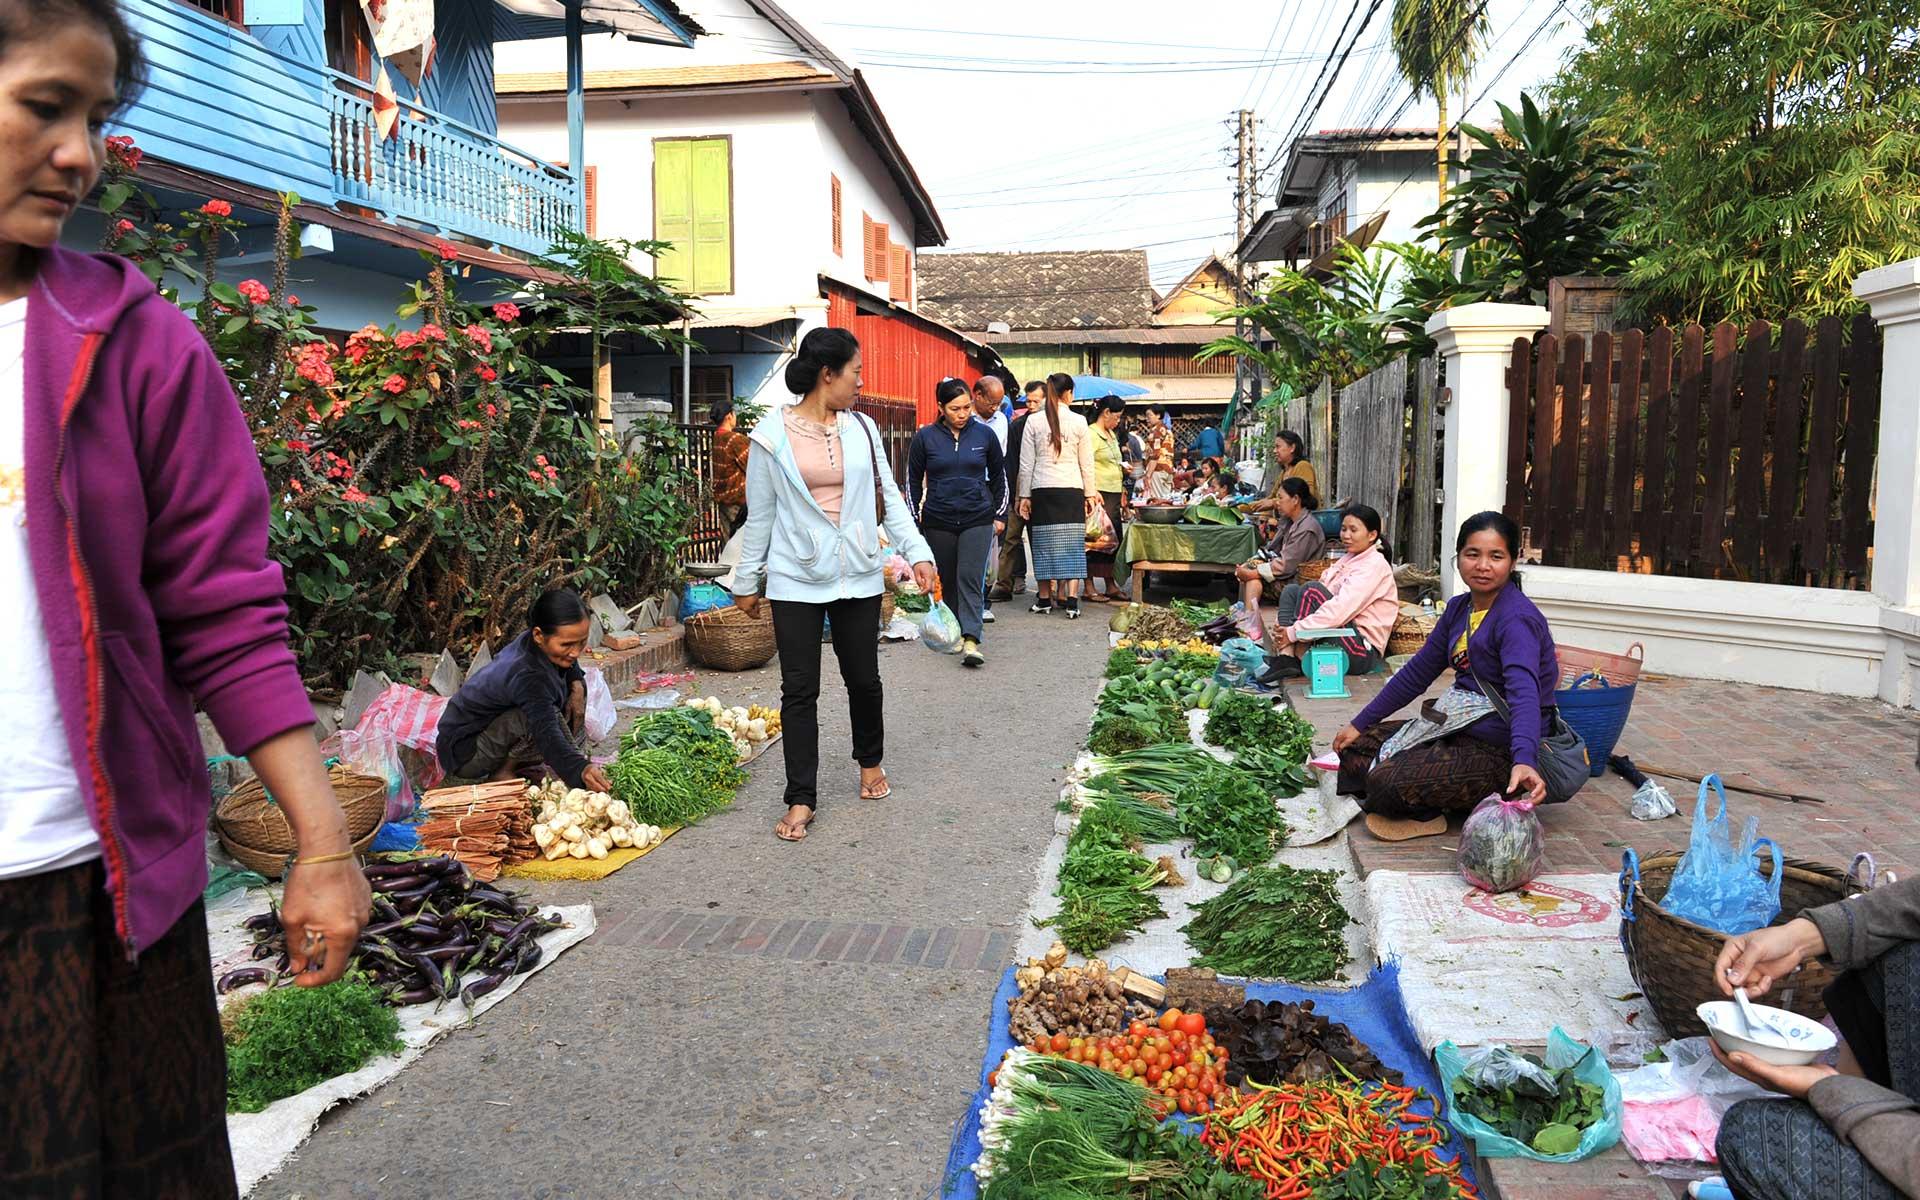 Morning Market luang prabang laos